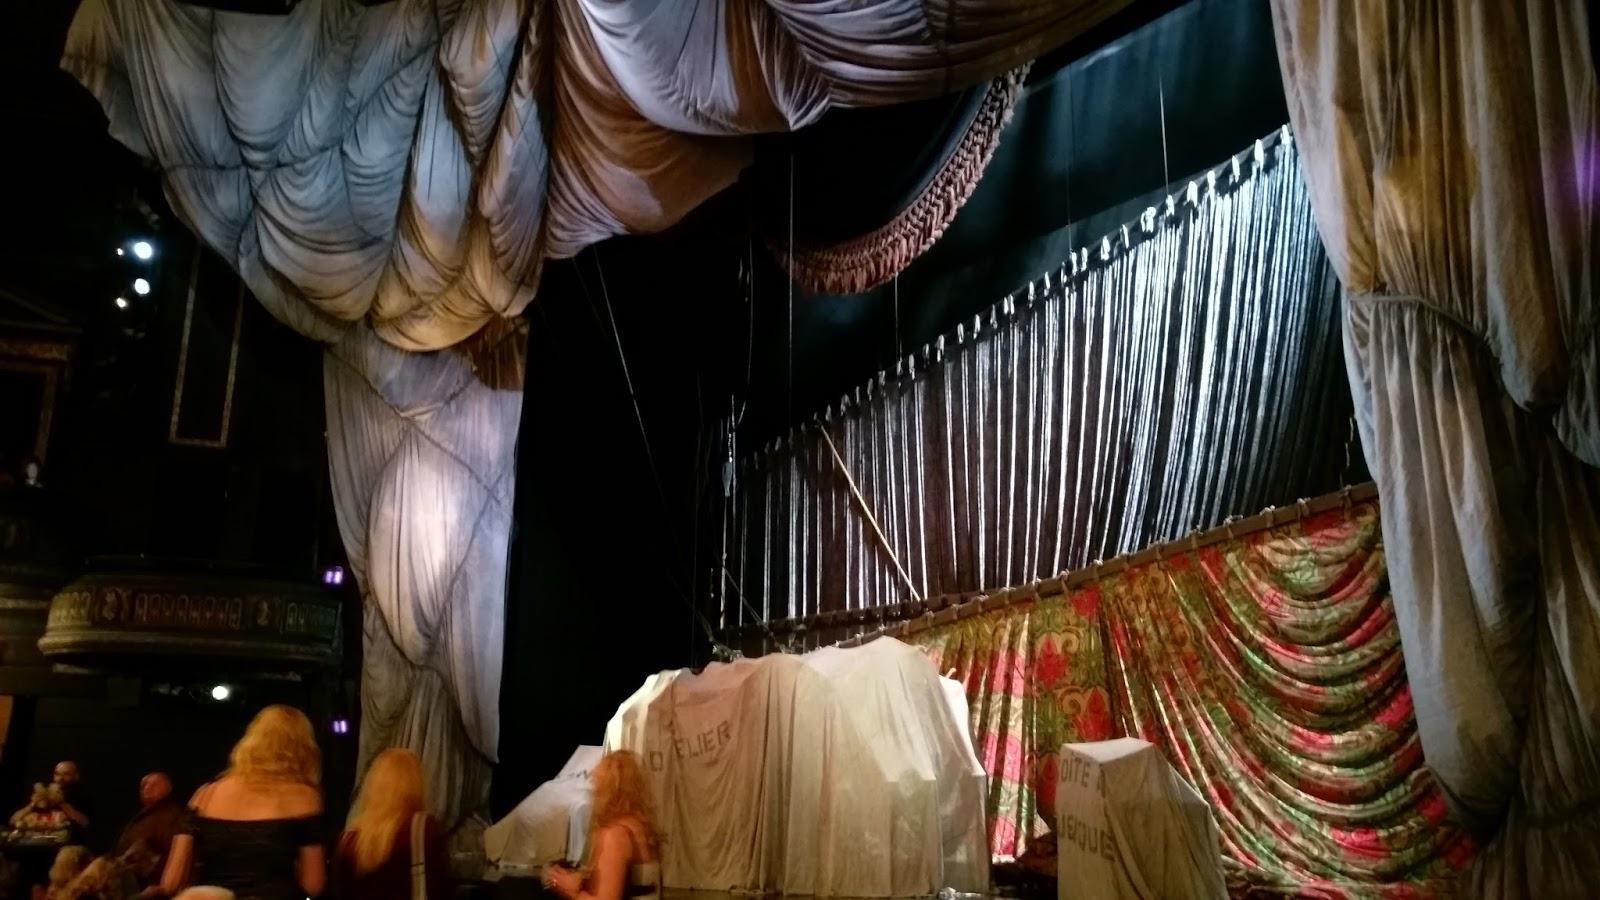 紐約紀行 (3): Musical~ 音樂劇, 跨界, 與寒風中的TKTS